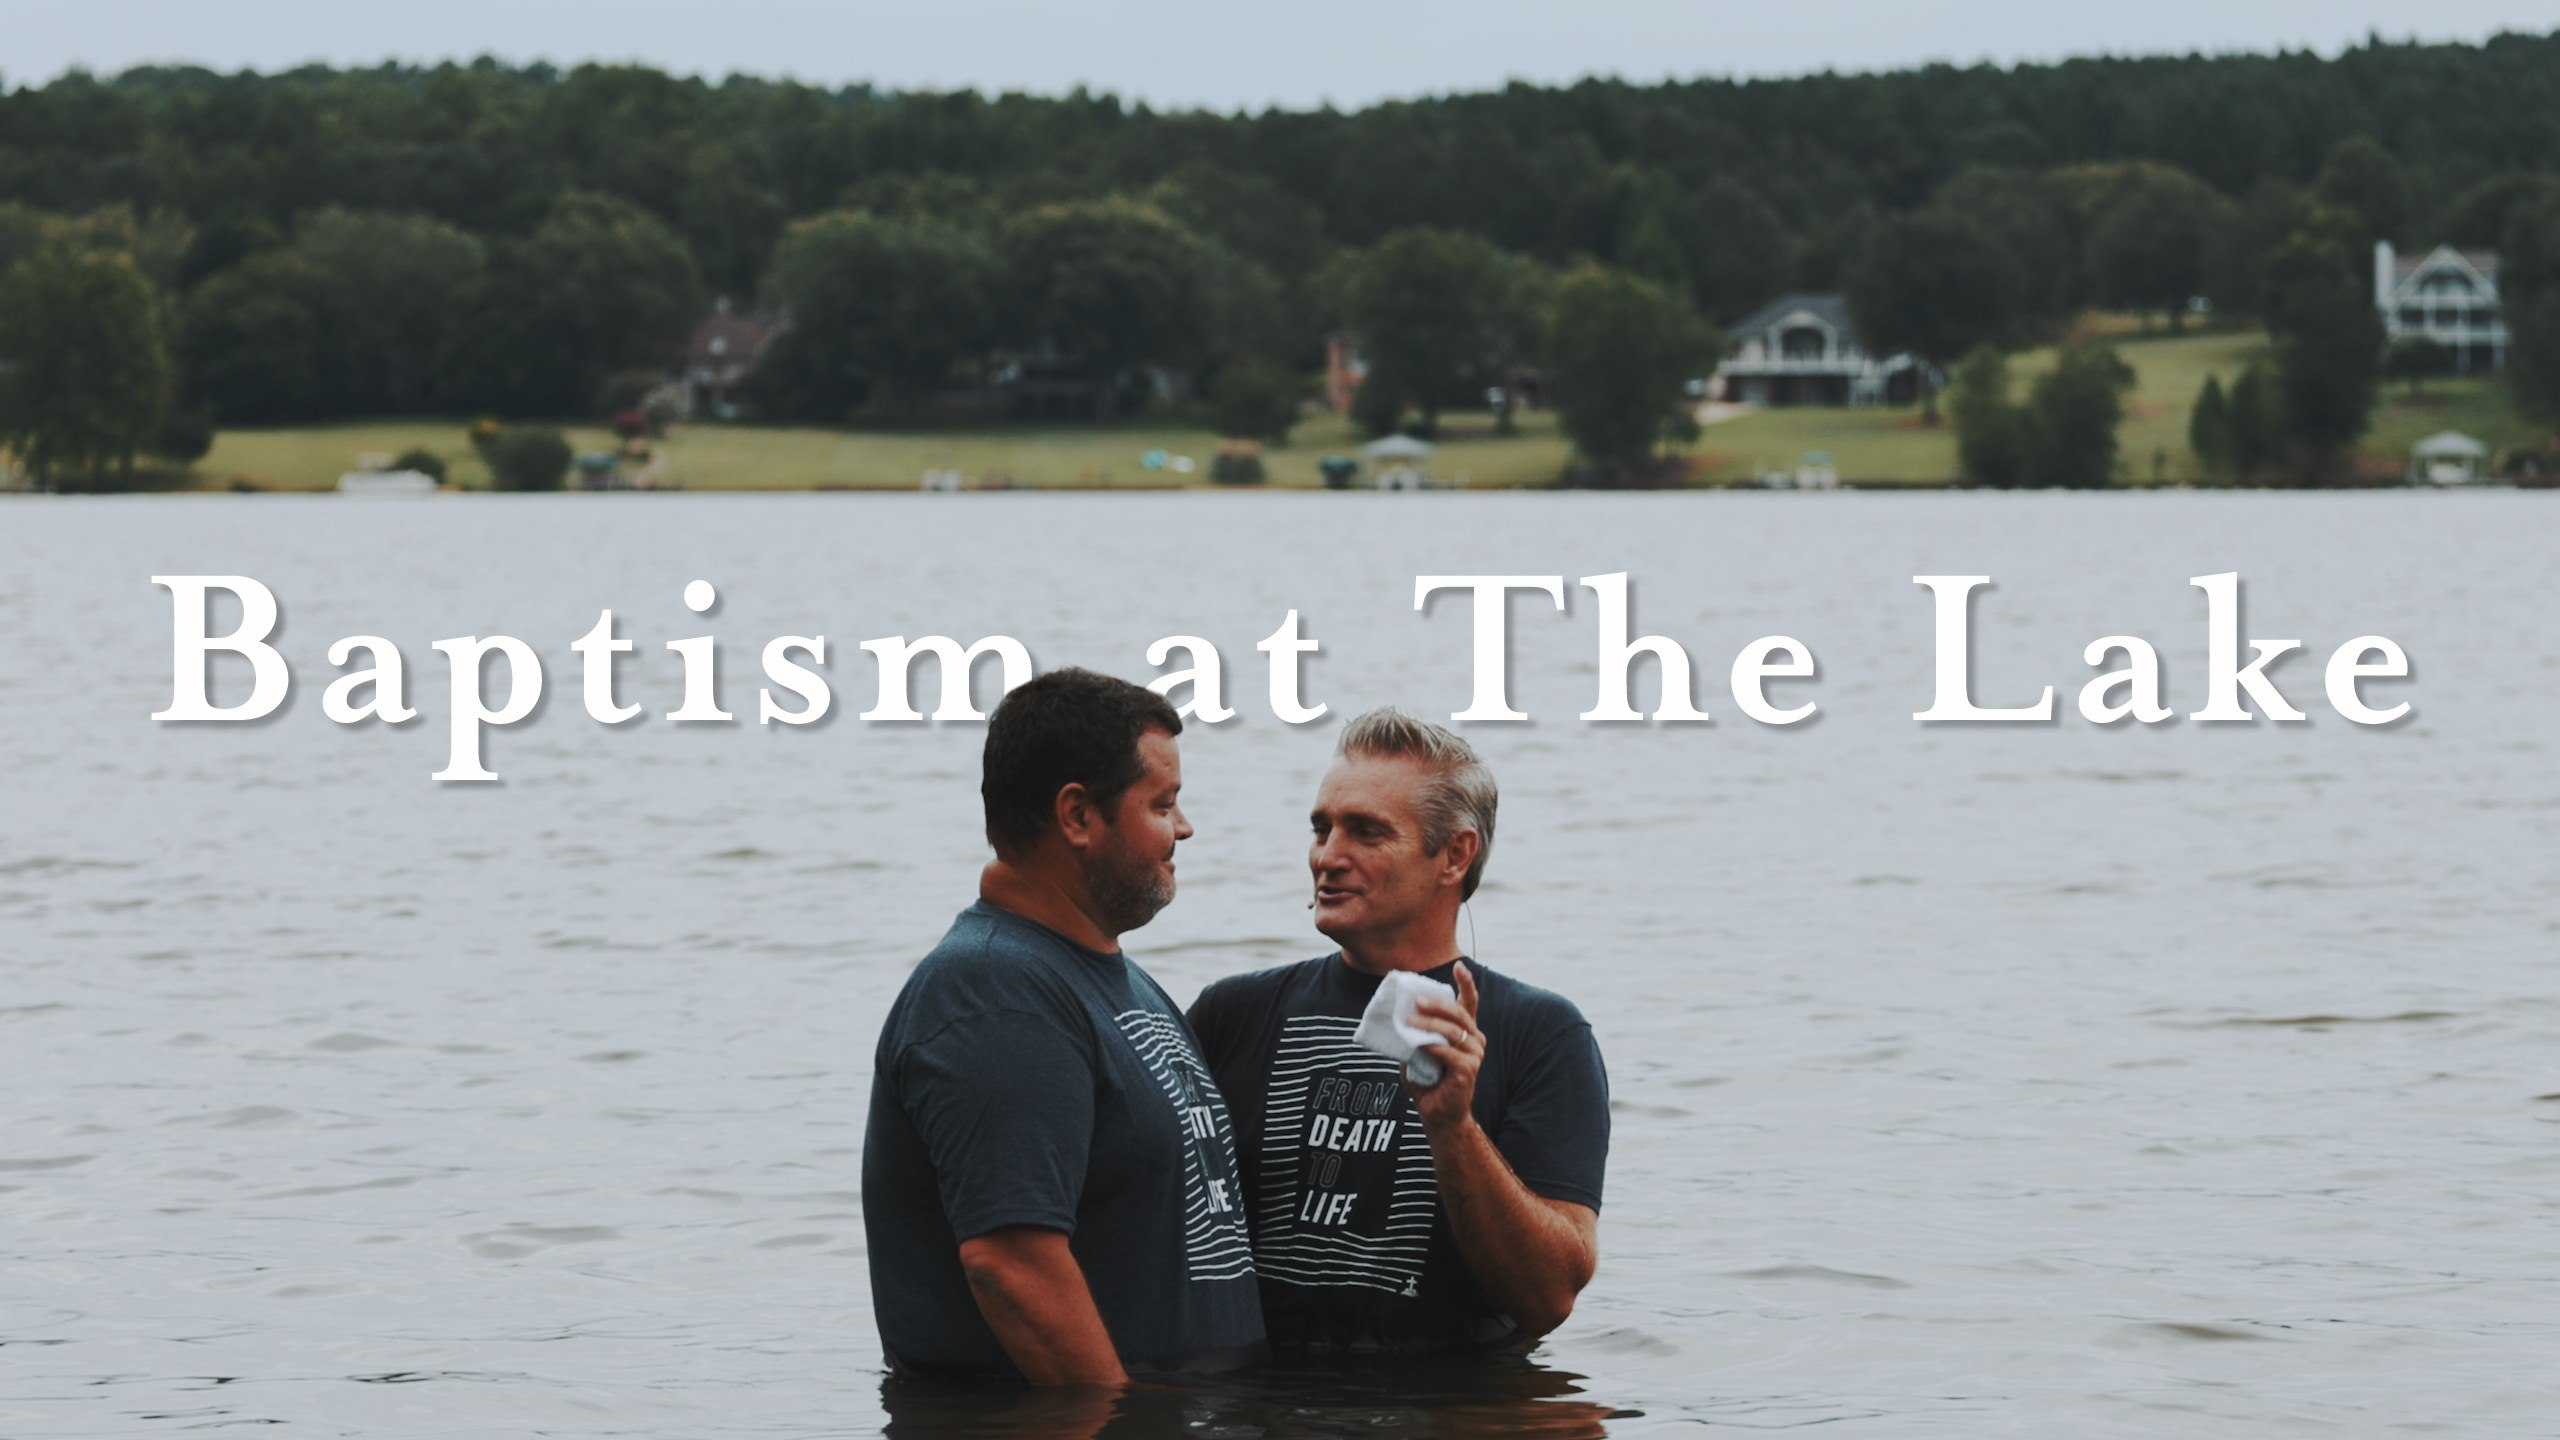 Baptism at The Lake 2019